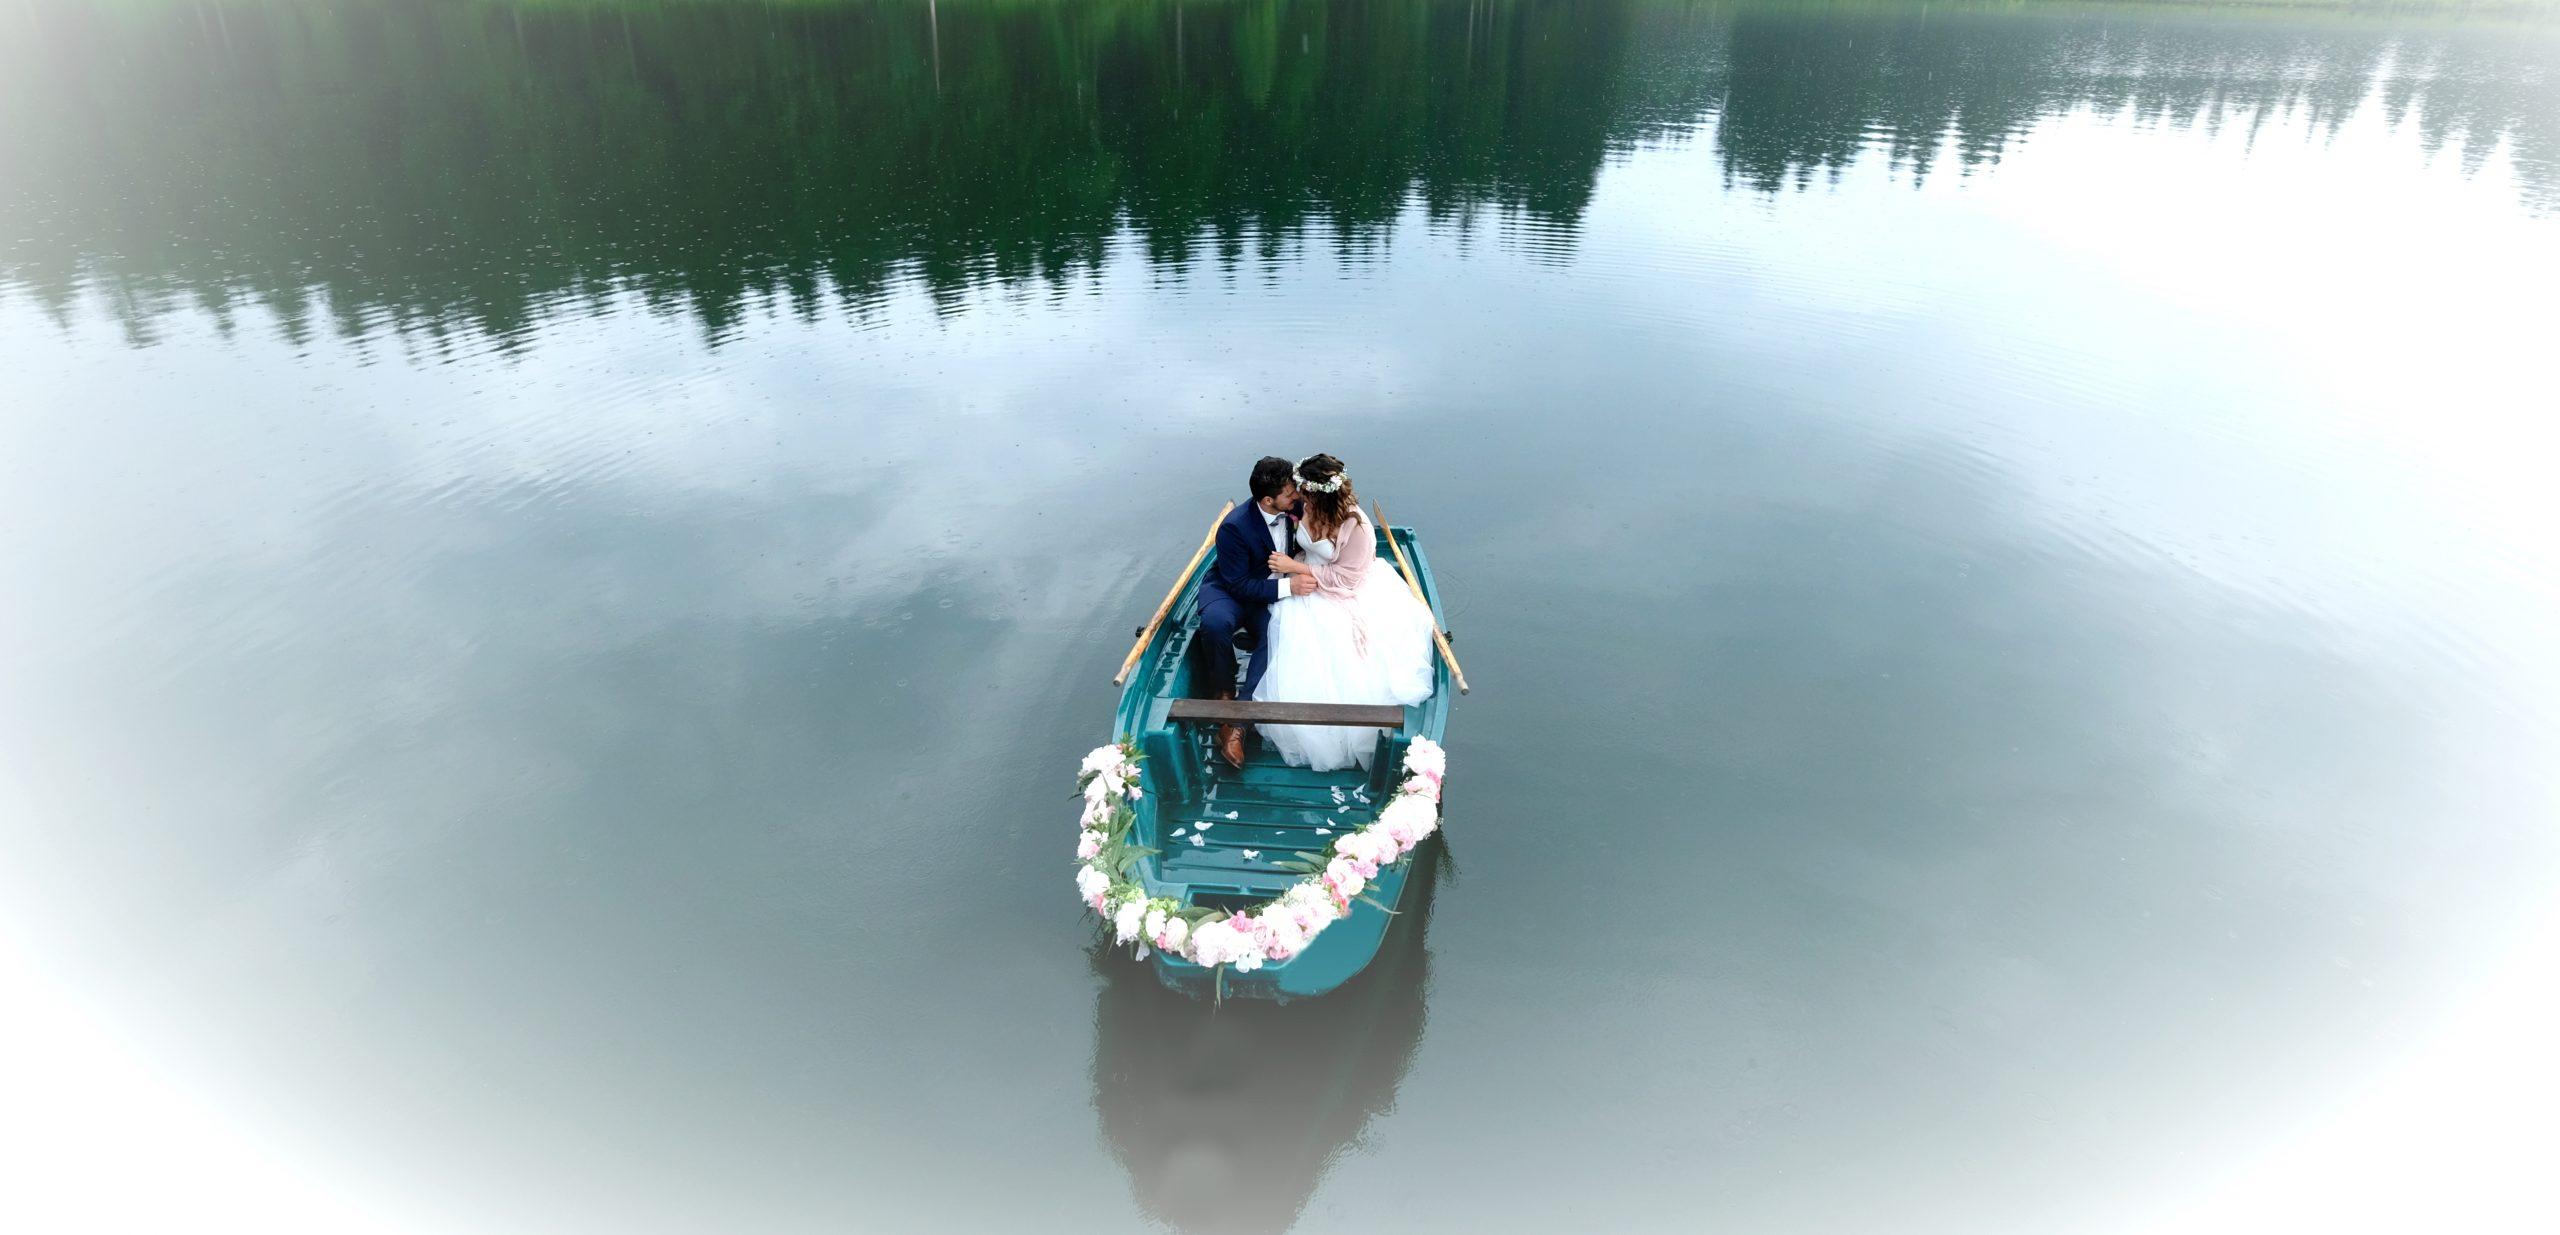 brautpaar harz hochzeit see scaled - Sonderfall Corona - Hochzeit absagen oder verschieben - Was Ihr bedenken solltet, liebe Brautpaare